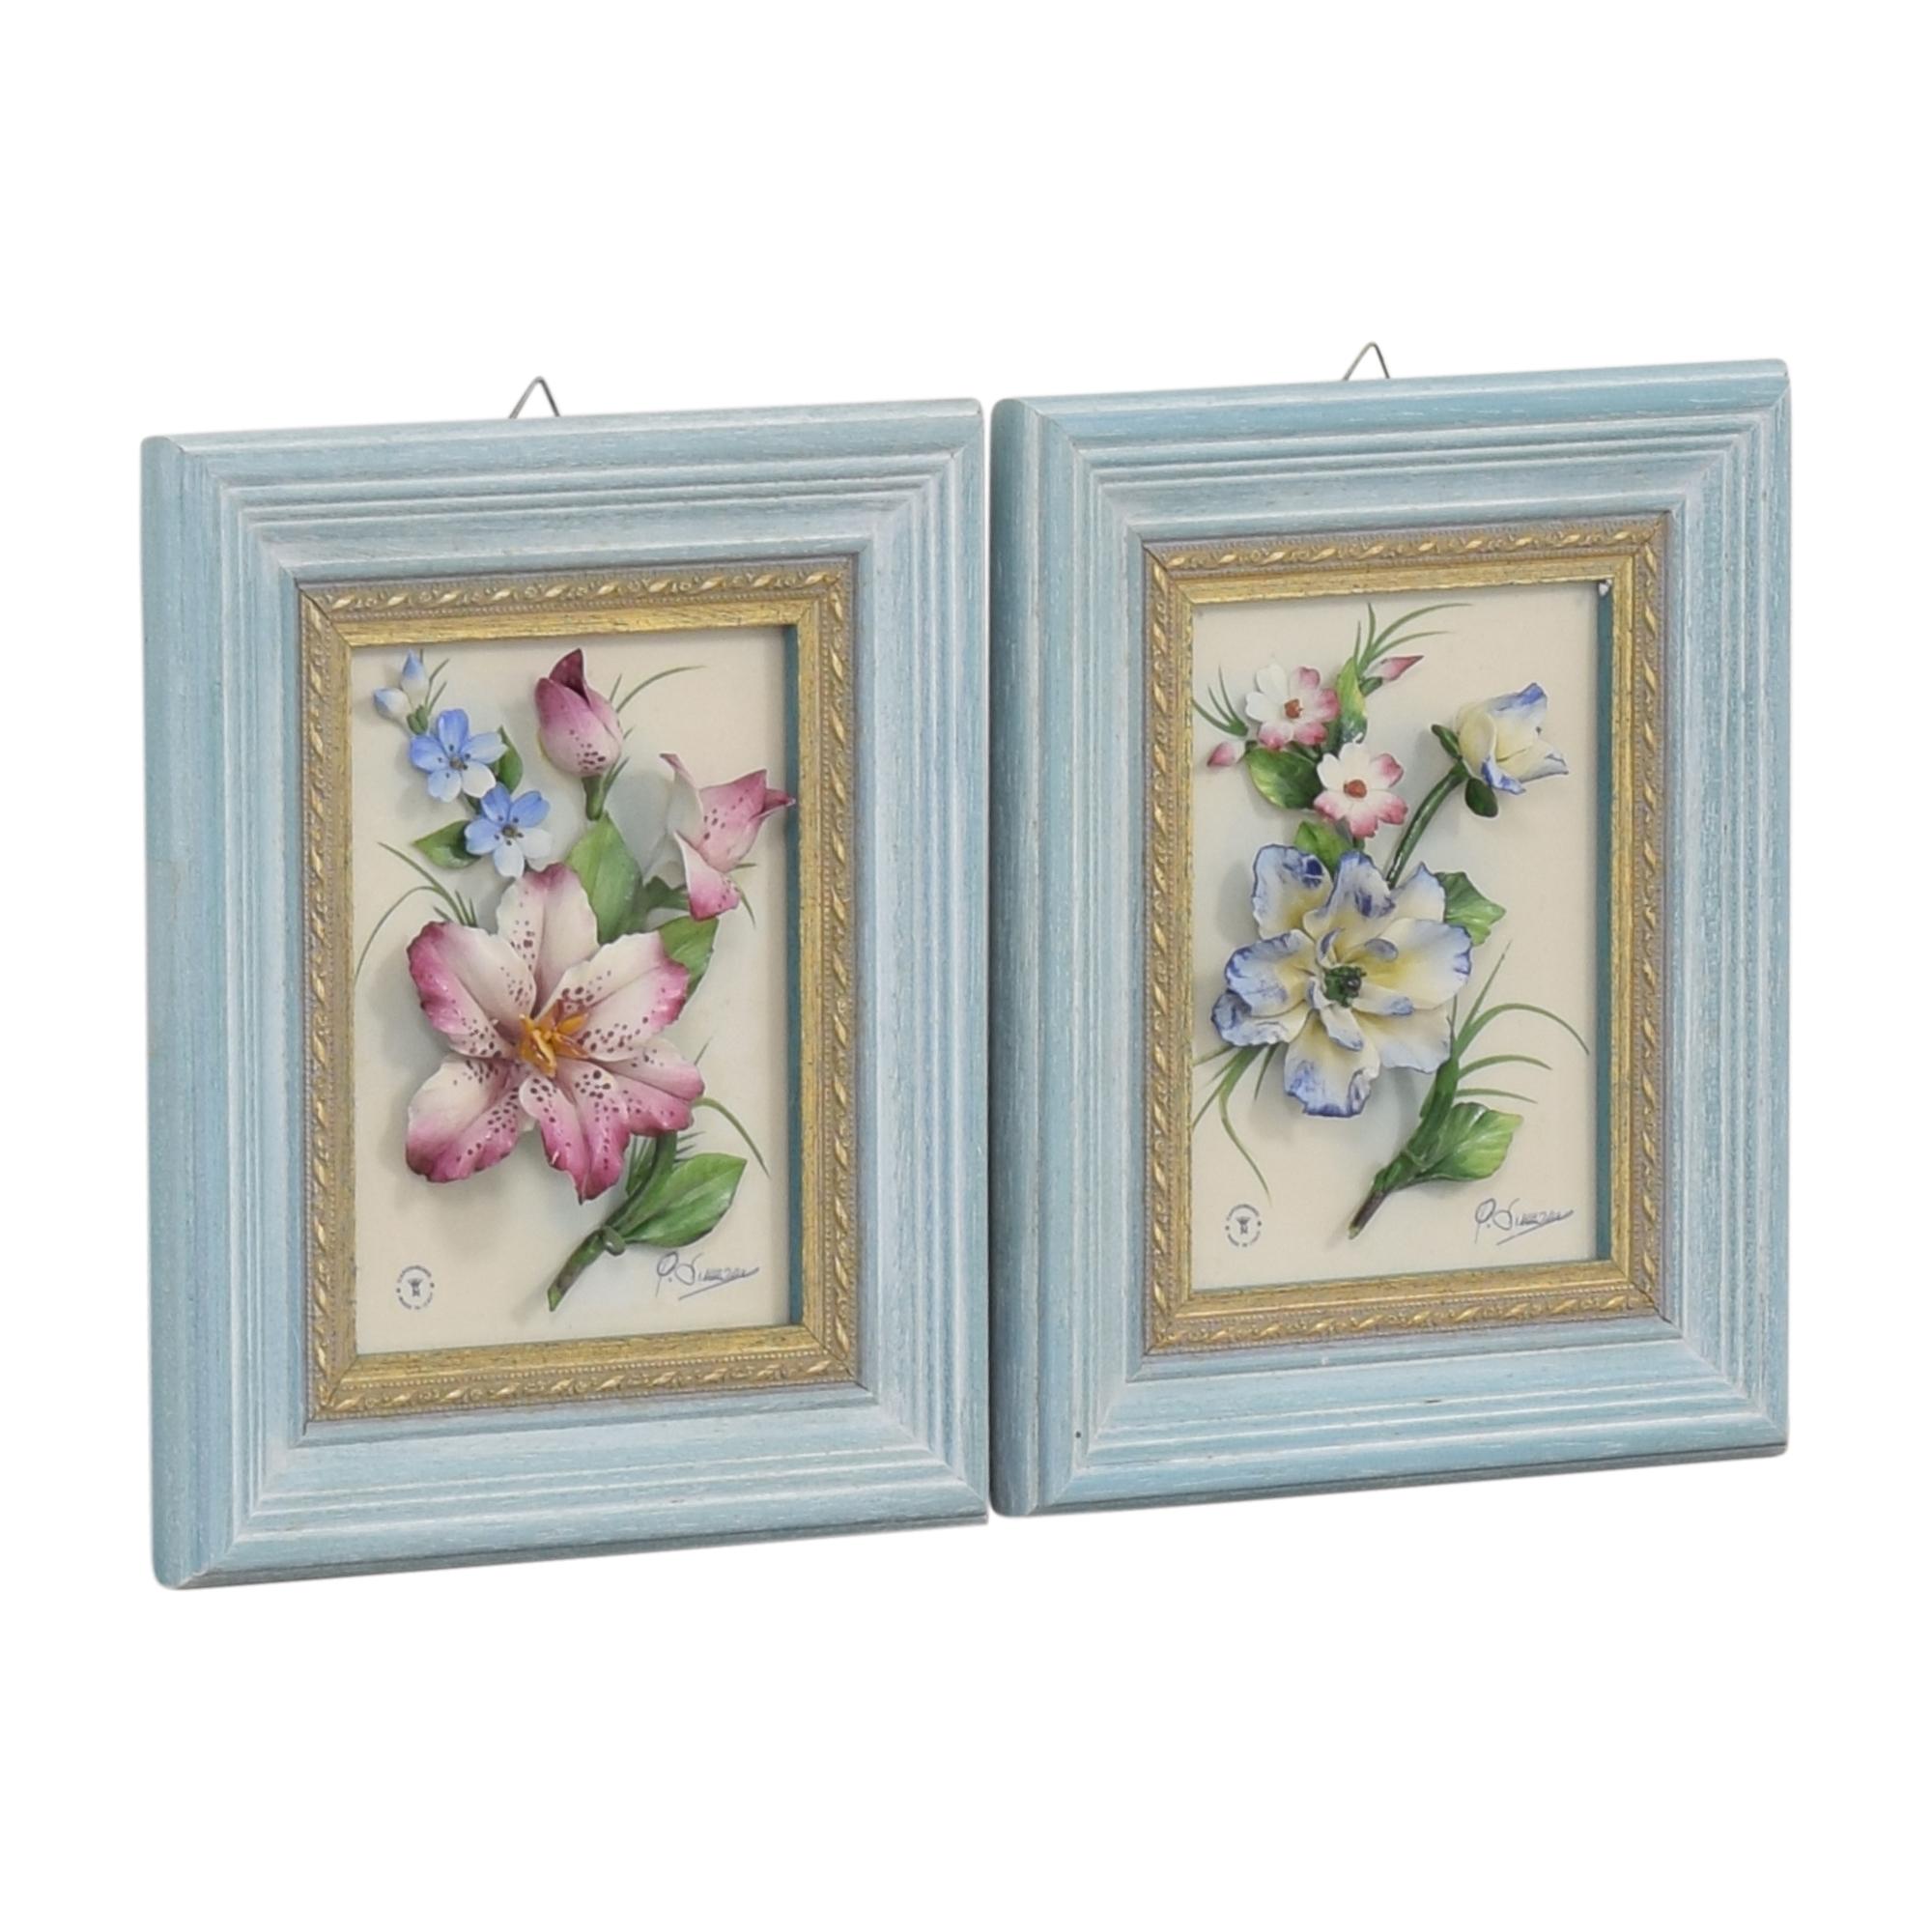 Framed Botanical Box Art price